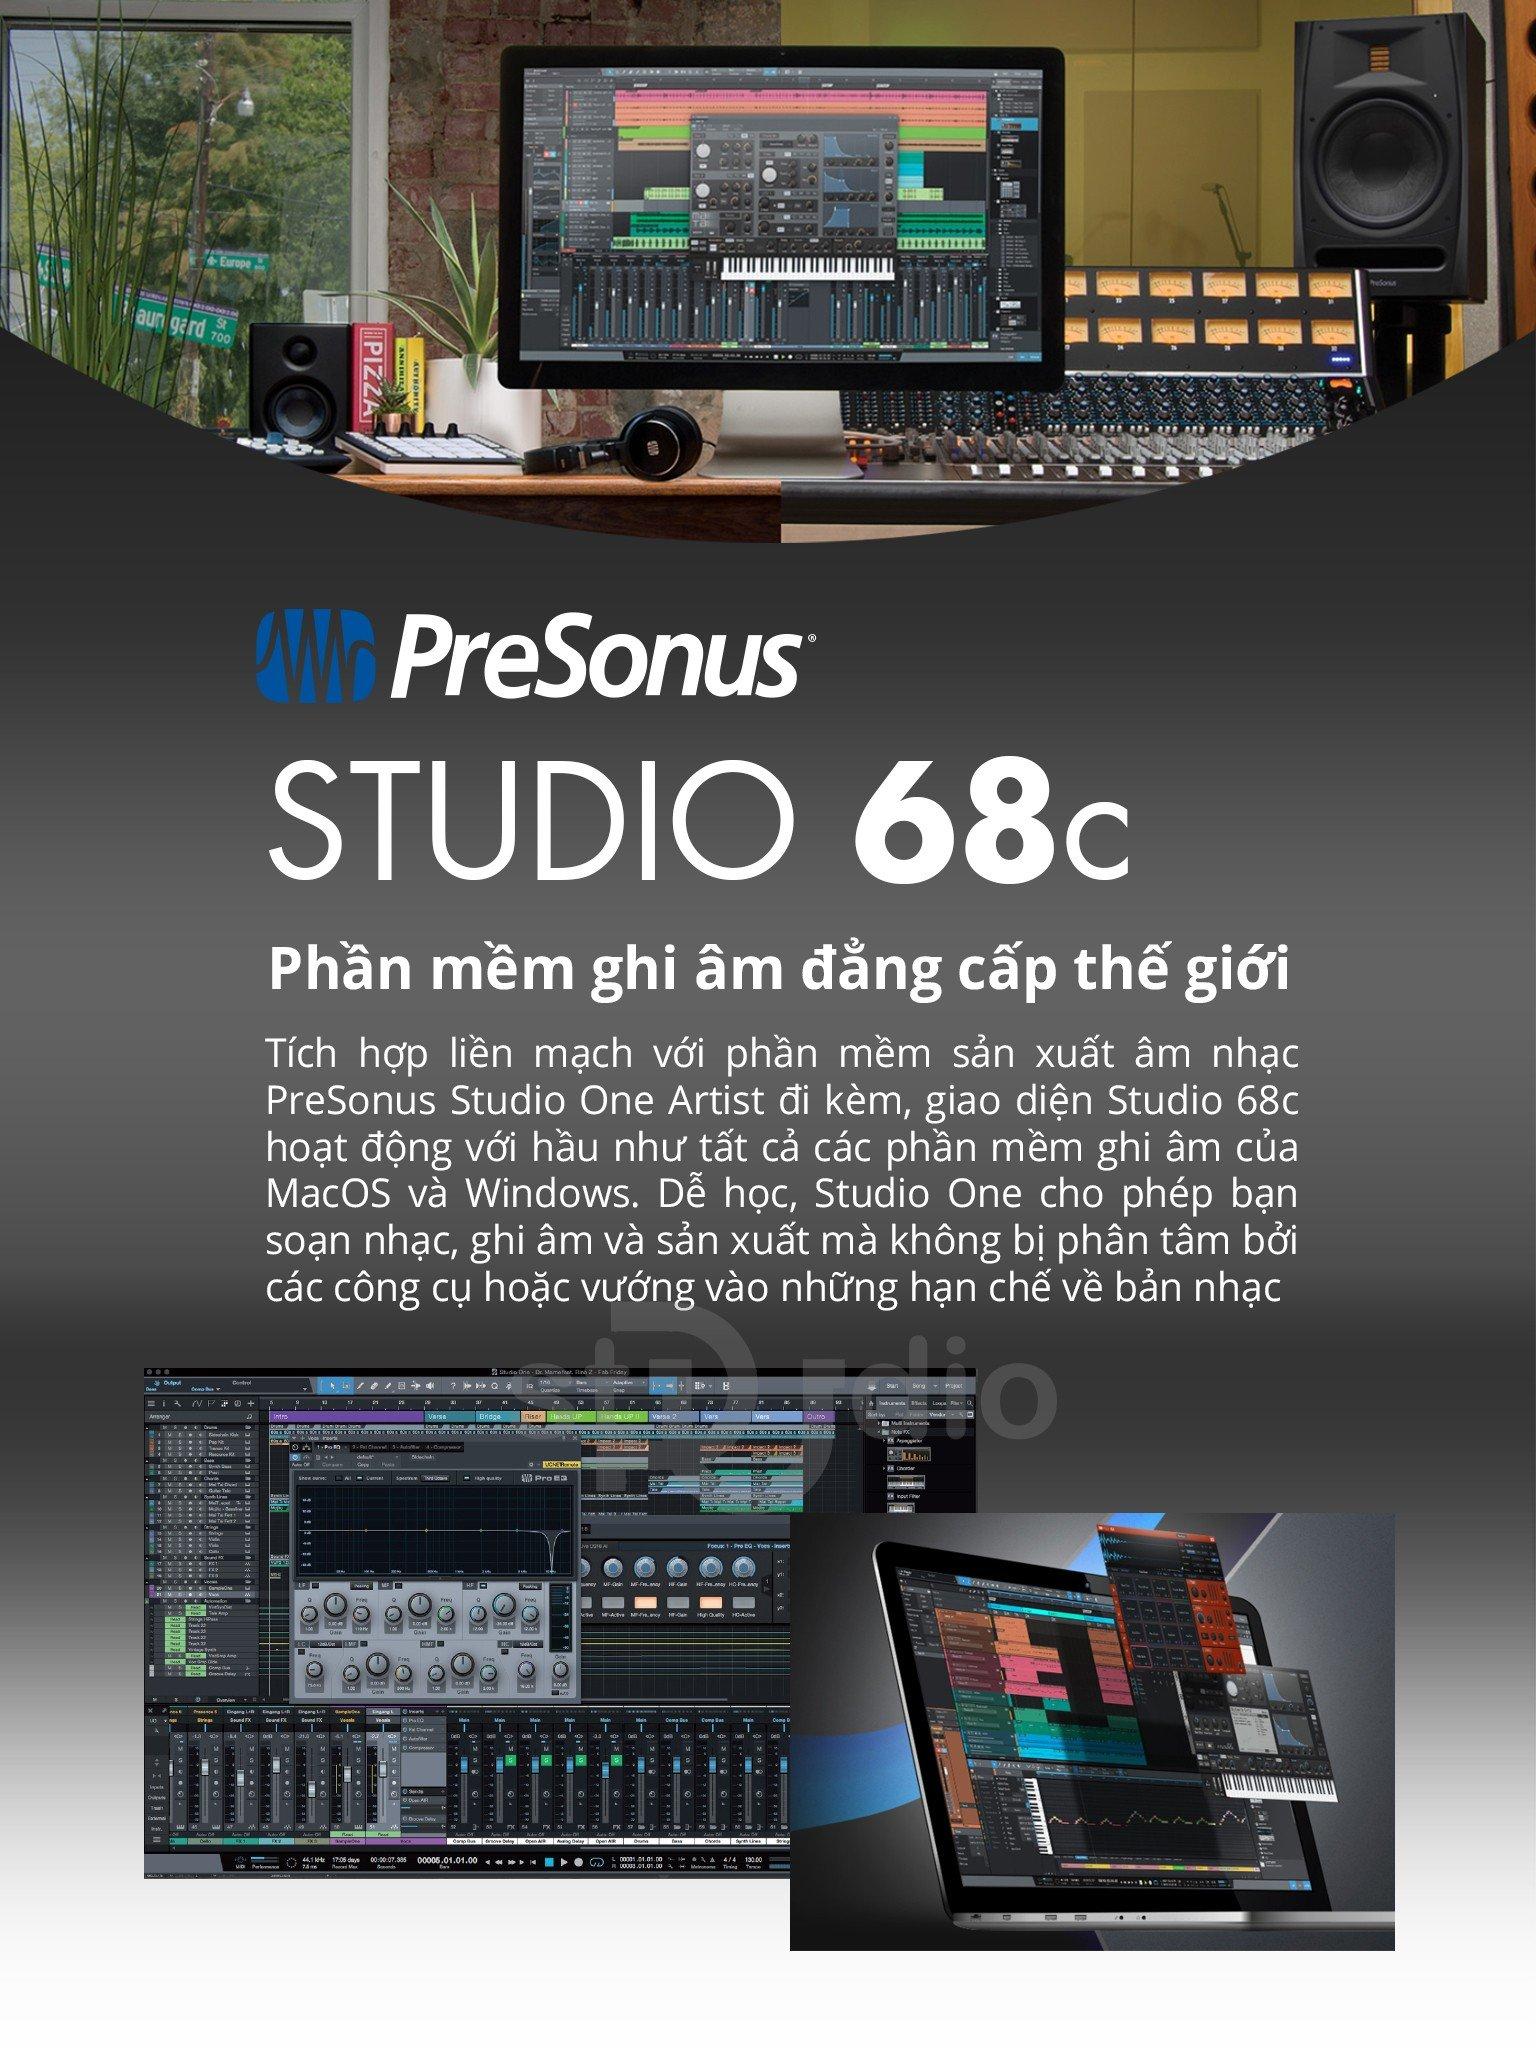 Sound card Presonus Studio 68C - Soundcard thu âm Studio